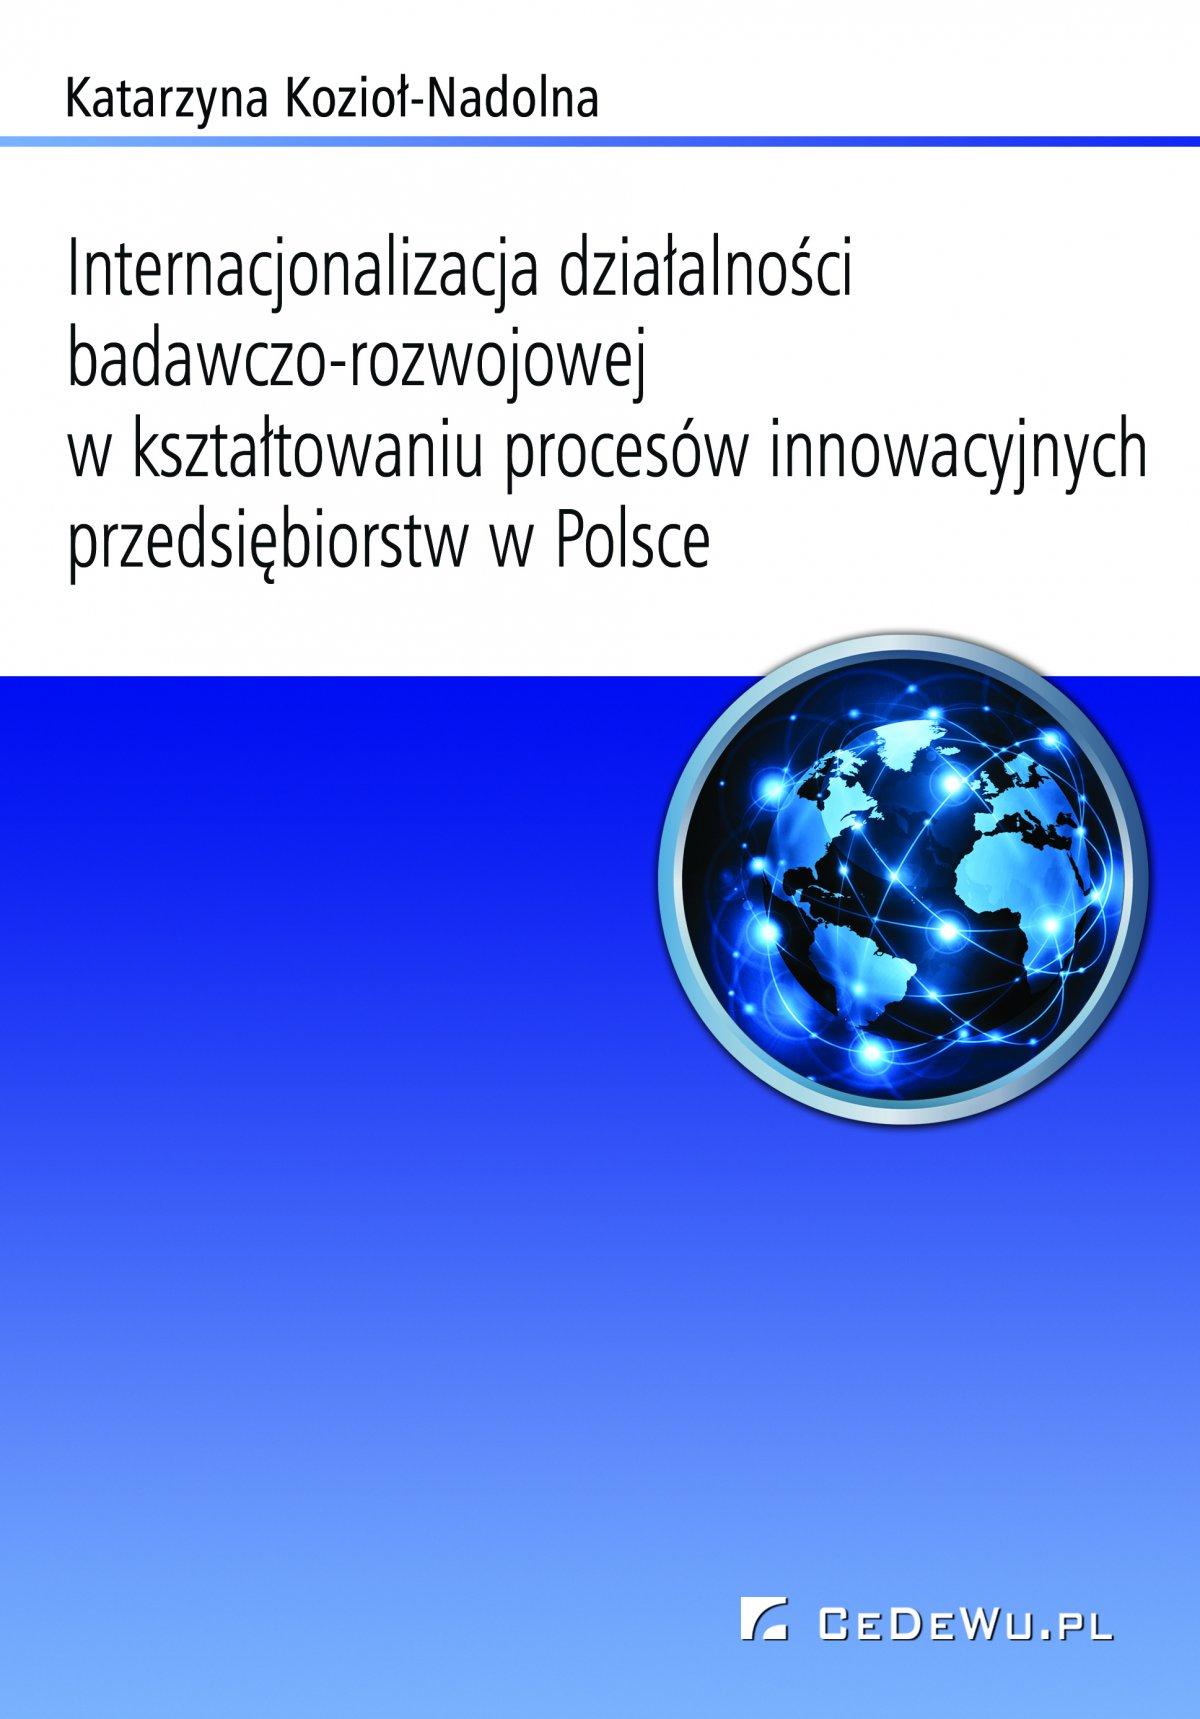 Internacjonalizacja działalności badawczo-rozwojowej w kształtowaniu procesów innowacyjnych przedsiębiorstw w Polsce. Rozdział 1. Procesy innowacyjne we współczesnej gospodarce – aspekt teoretyczny - Ebook (Książka PDF) do pobrania w formacie PDF